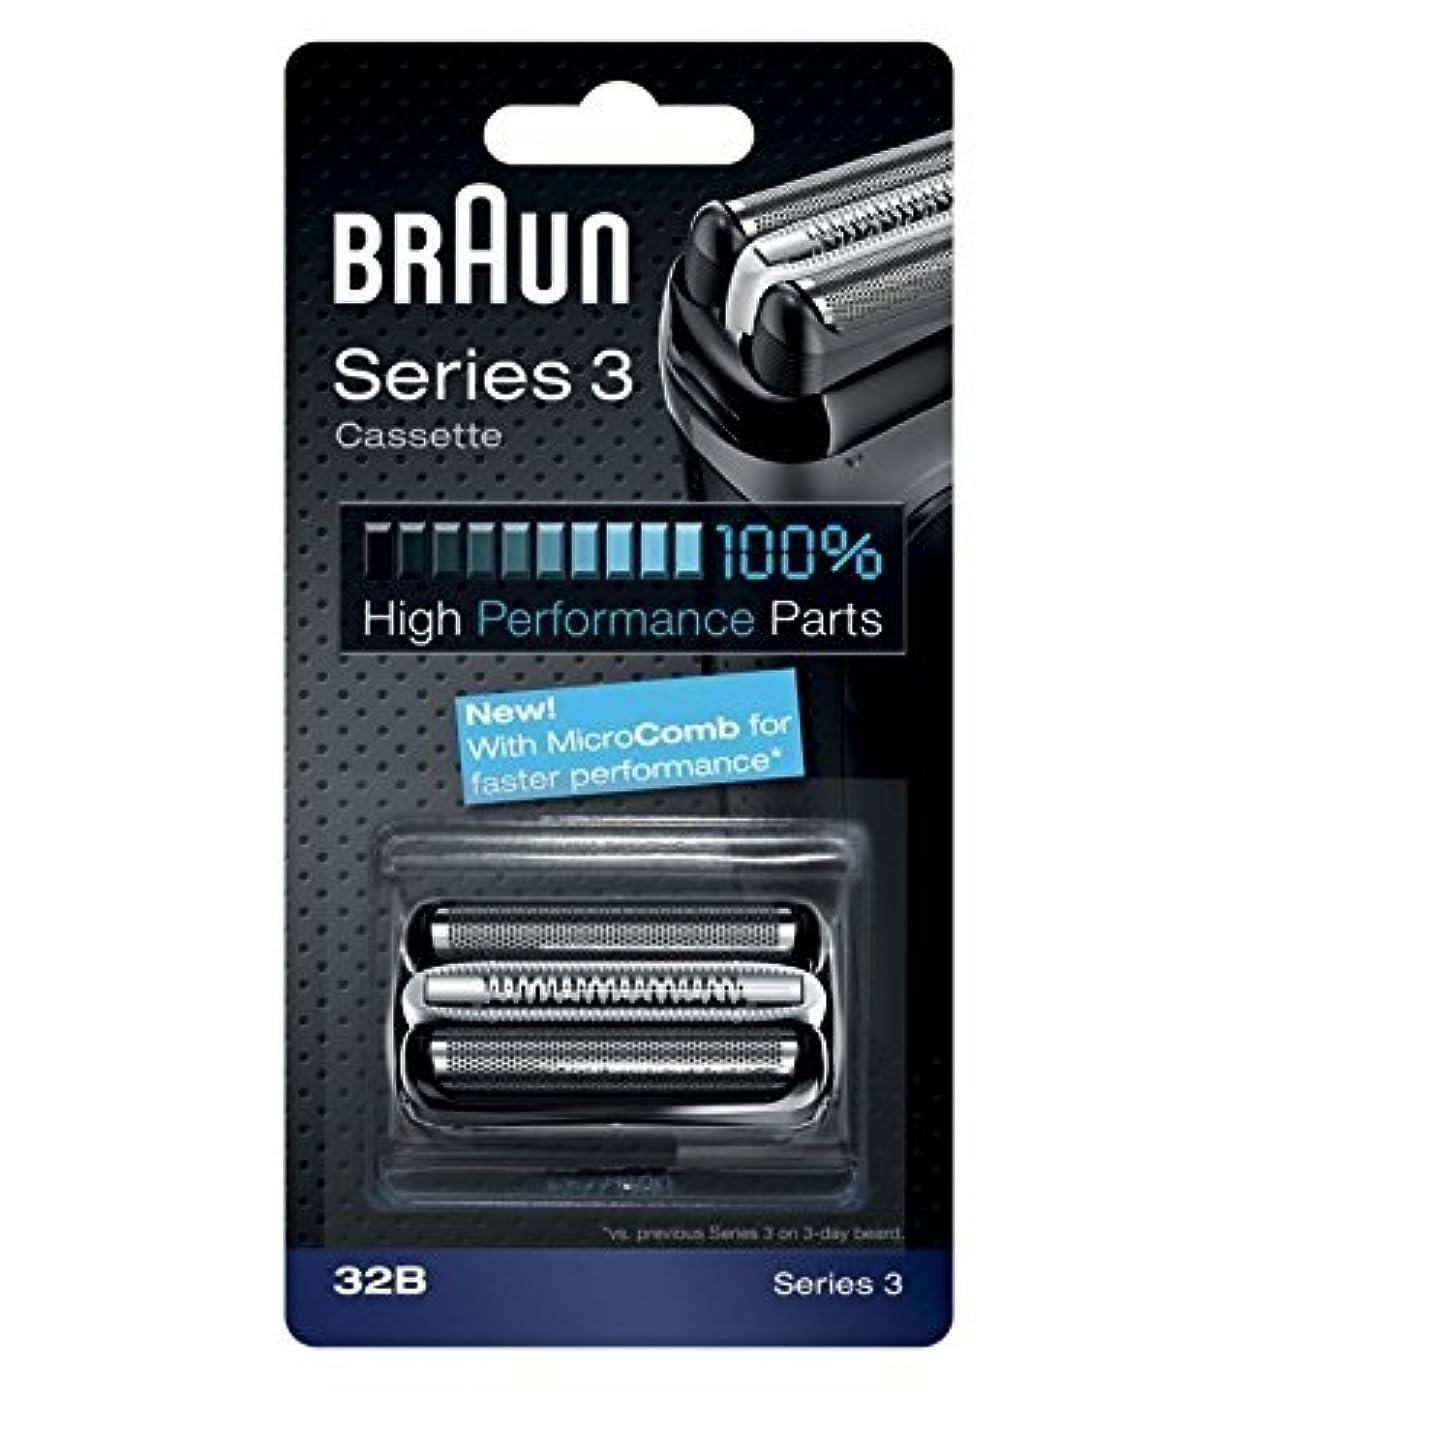 社会主義送信する誓いBraun razor Replacement Foil & Cutter Cassette 32B Series 3 320 330 340 350CC black shaving heads [並行輸入品]